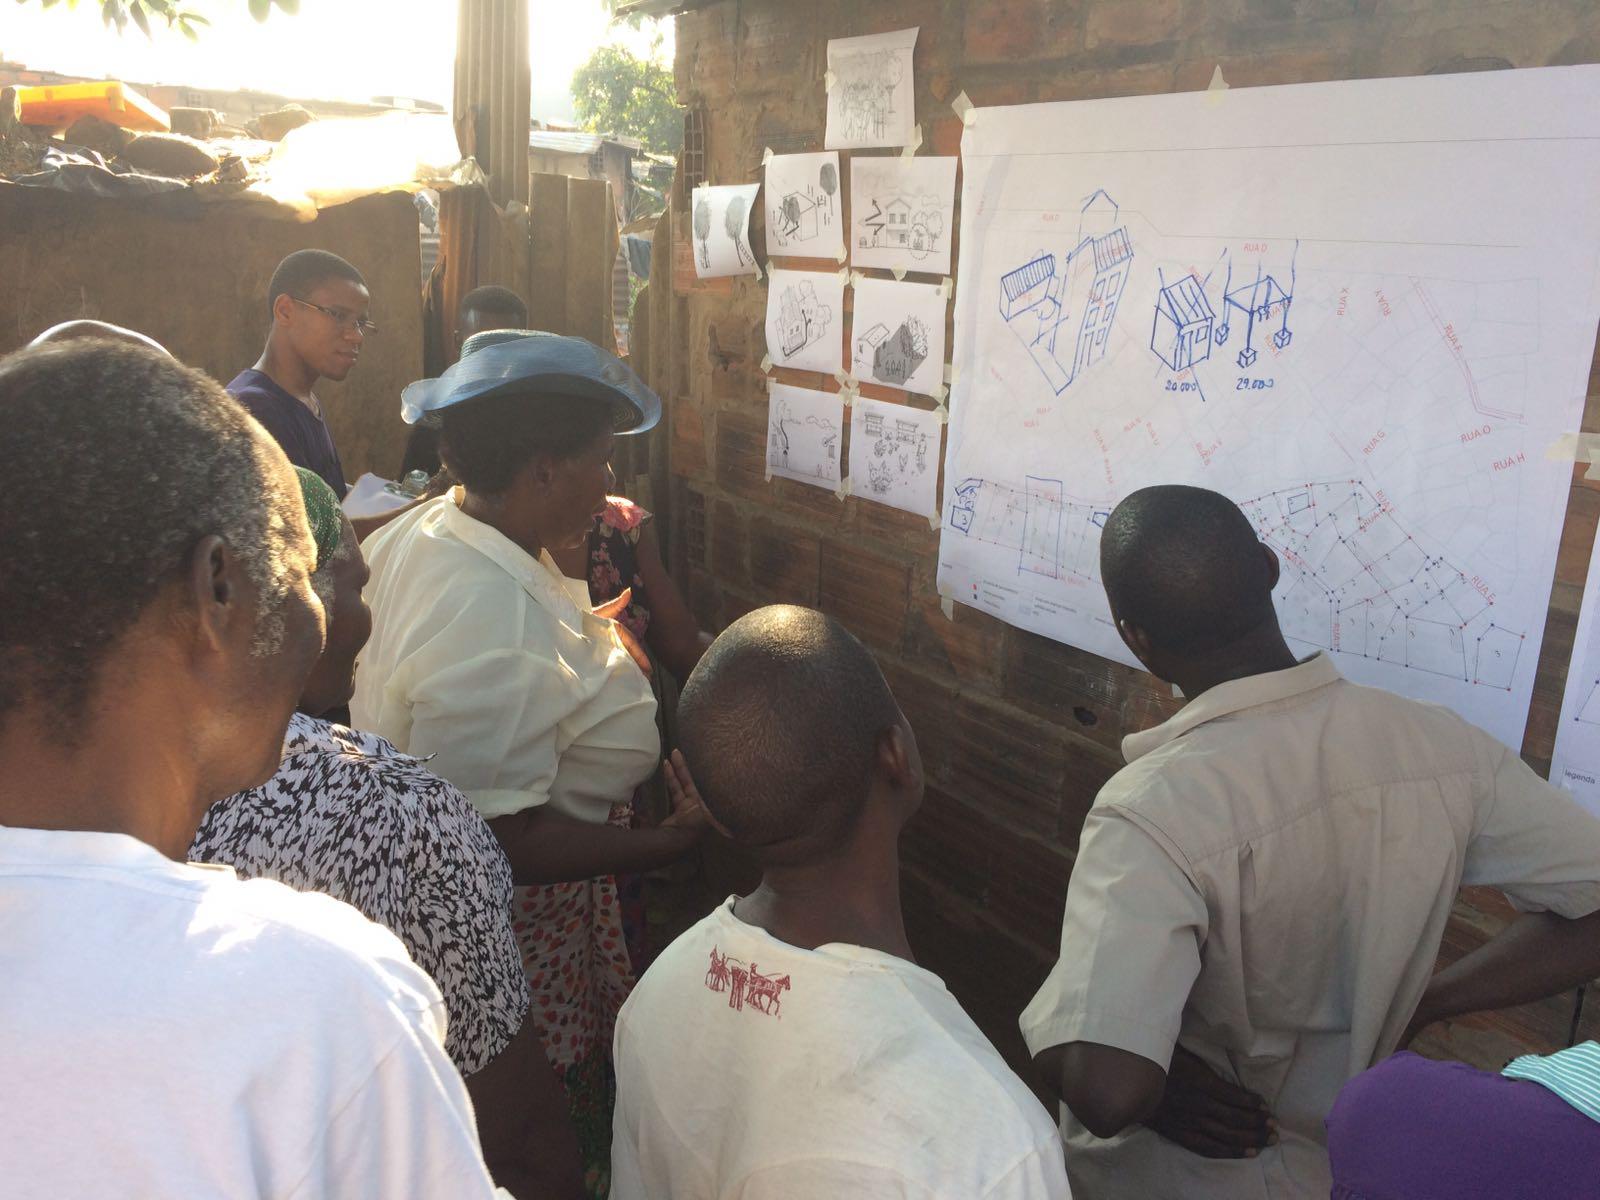 El Quarteirão 18 Del Barrio De Chamanculo C Aprueba Su Plano De Ocupación 7